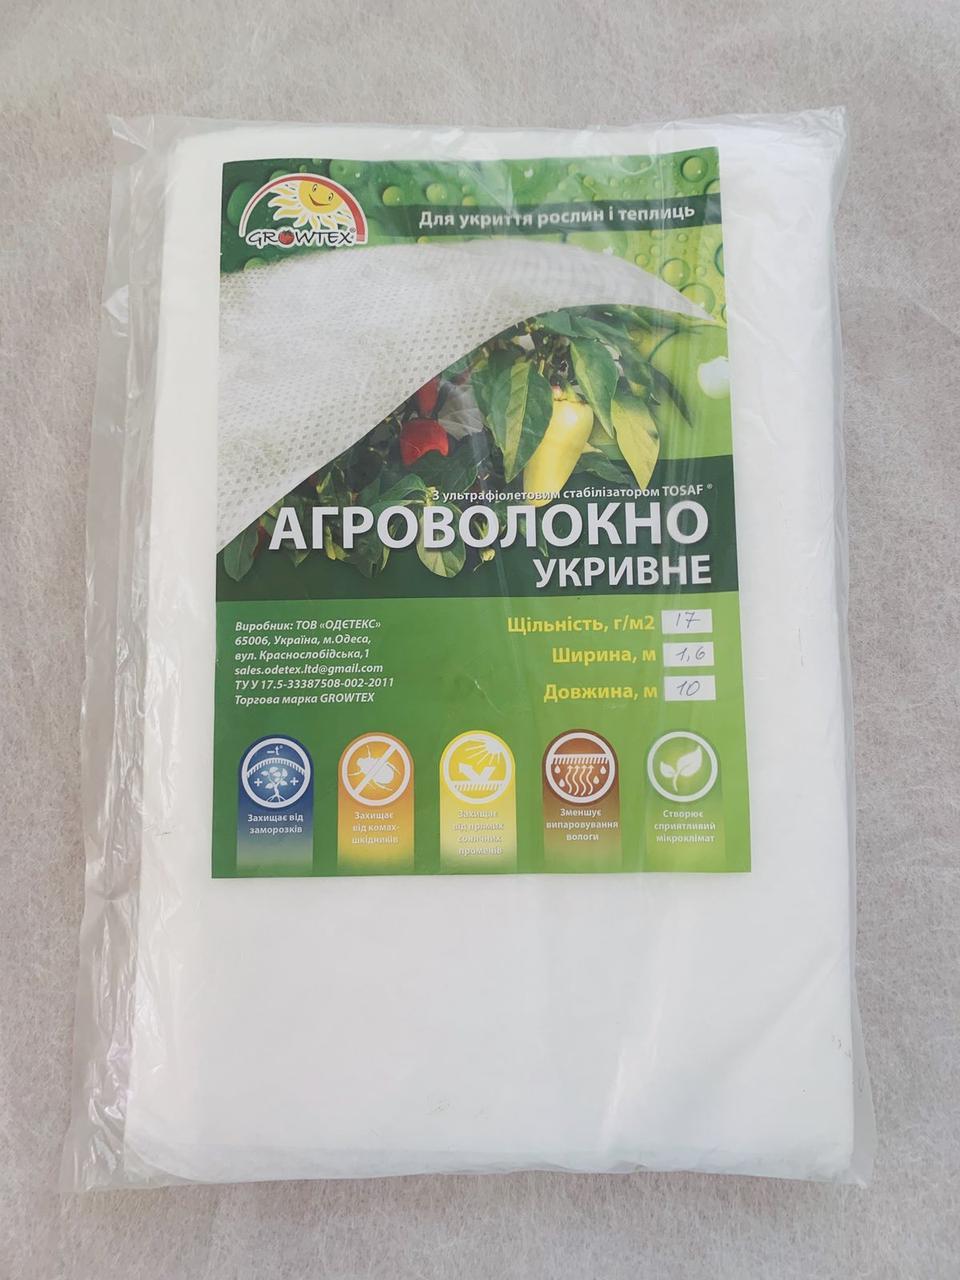 Агроволокно біле в пакеті 17 г/м2 1,6*10 м Одетекс